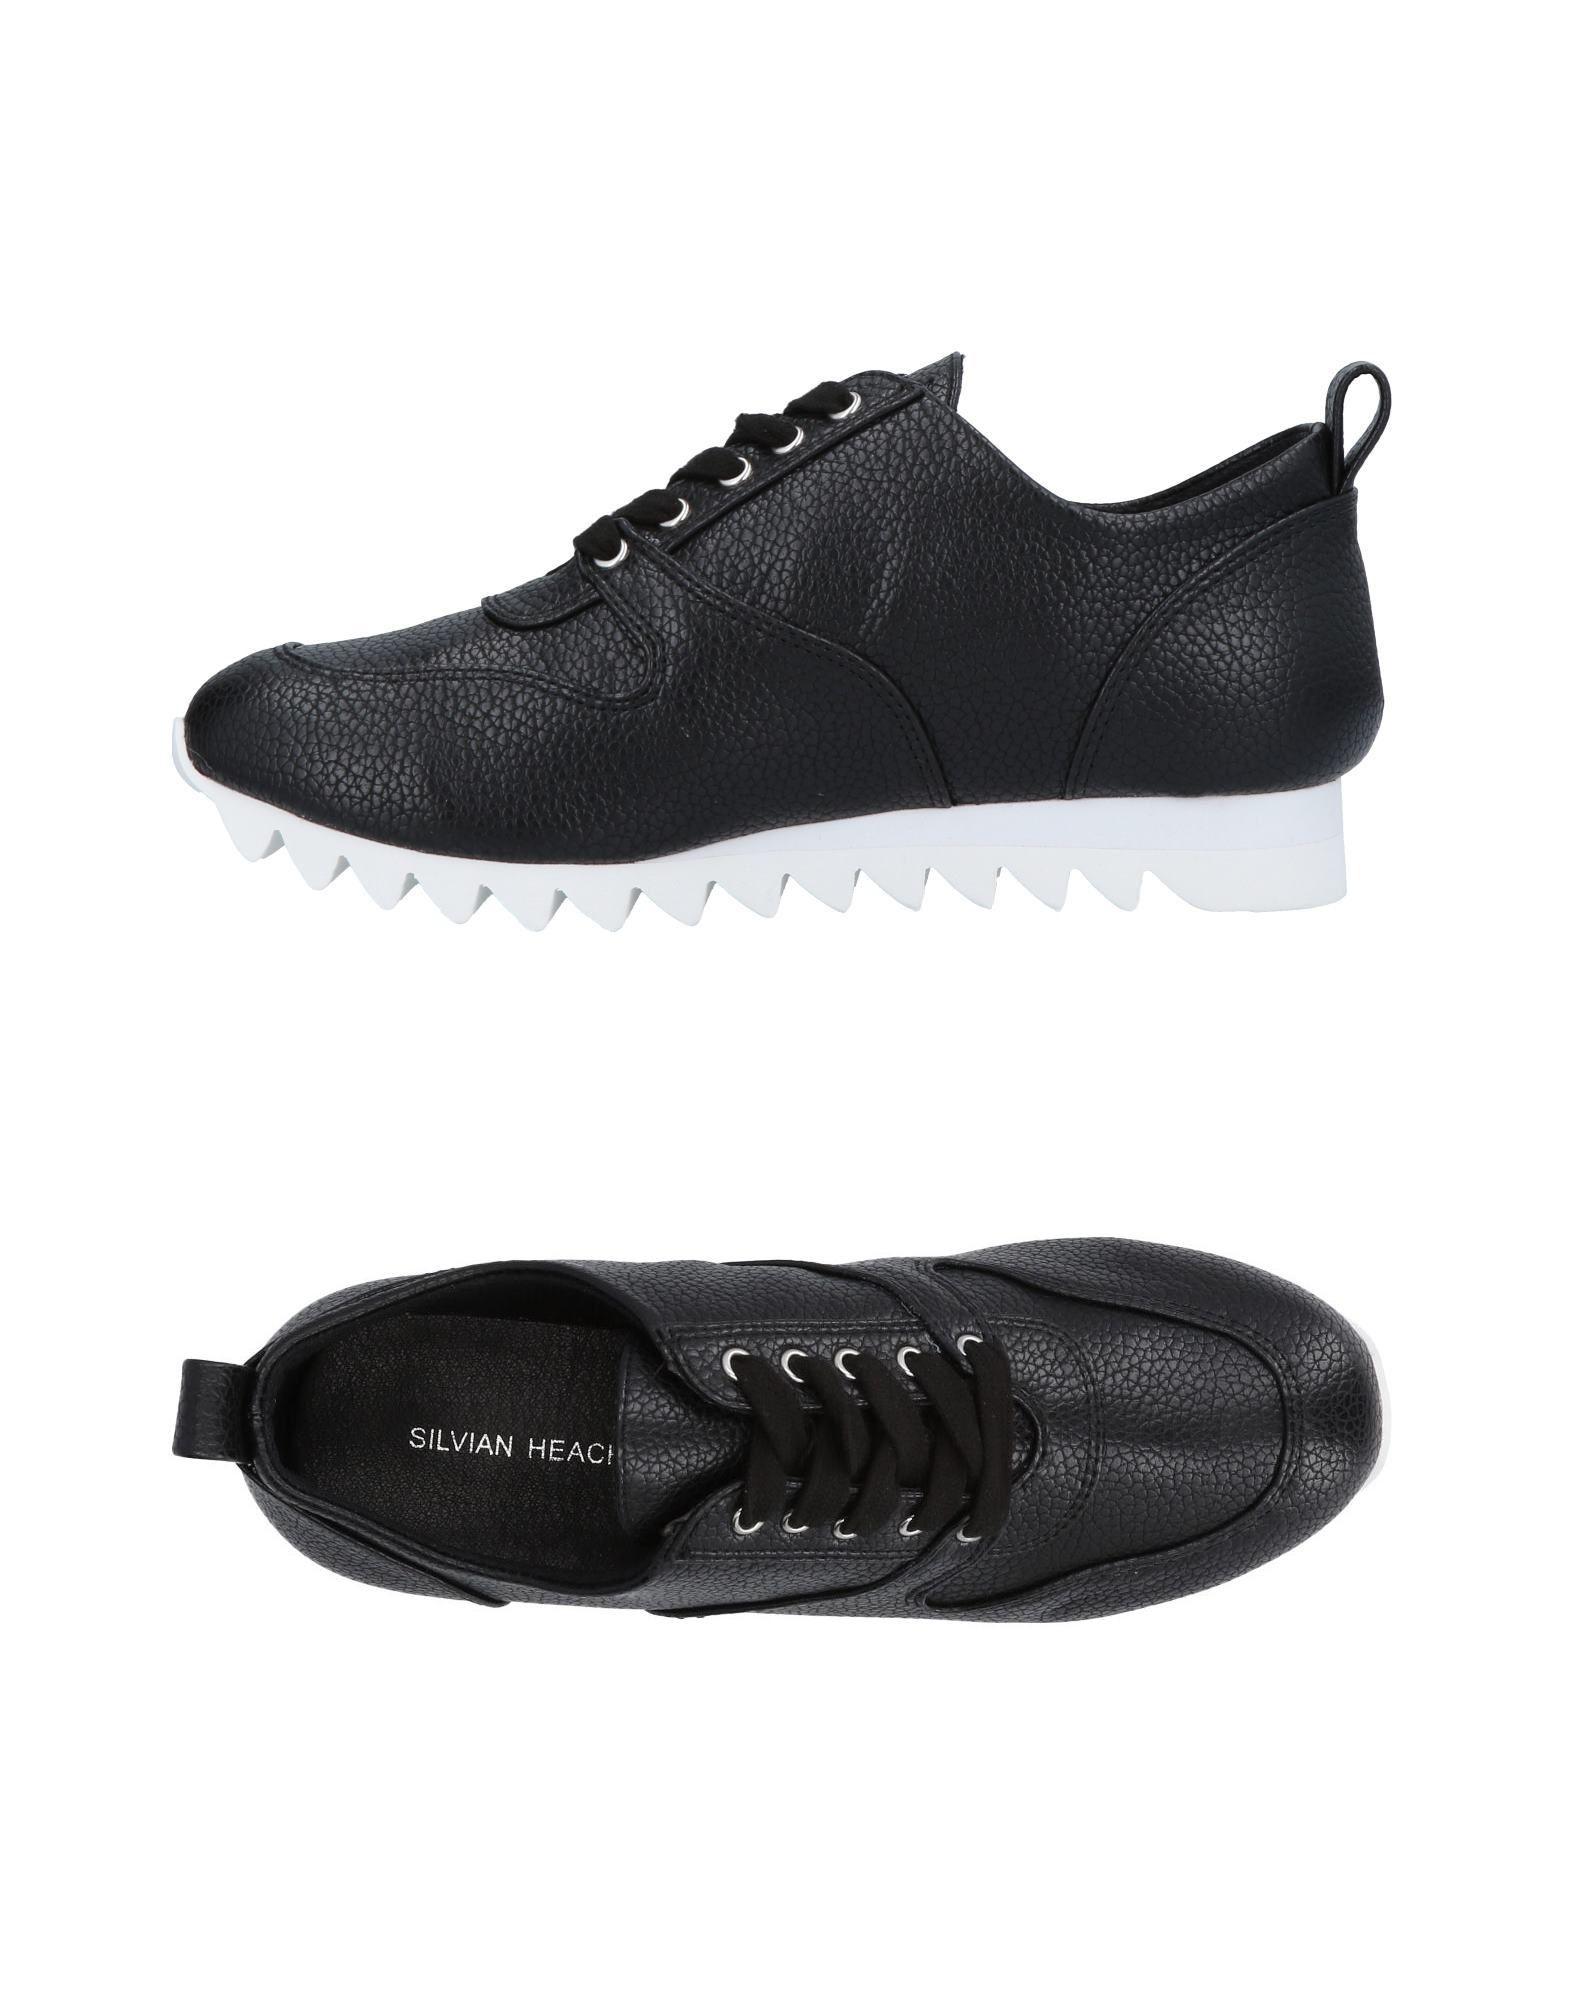 Silvian Heach Heach Silvian Sneakers Damen  11469136MV Gute Qualität beliebte Schuhe 5508bd